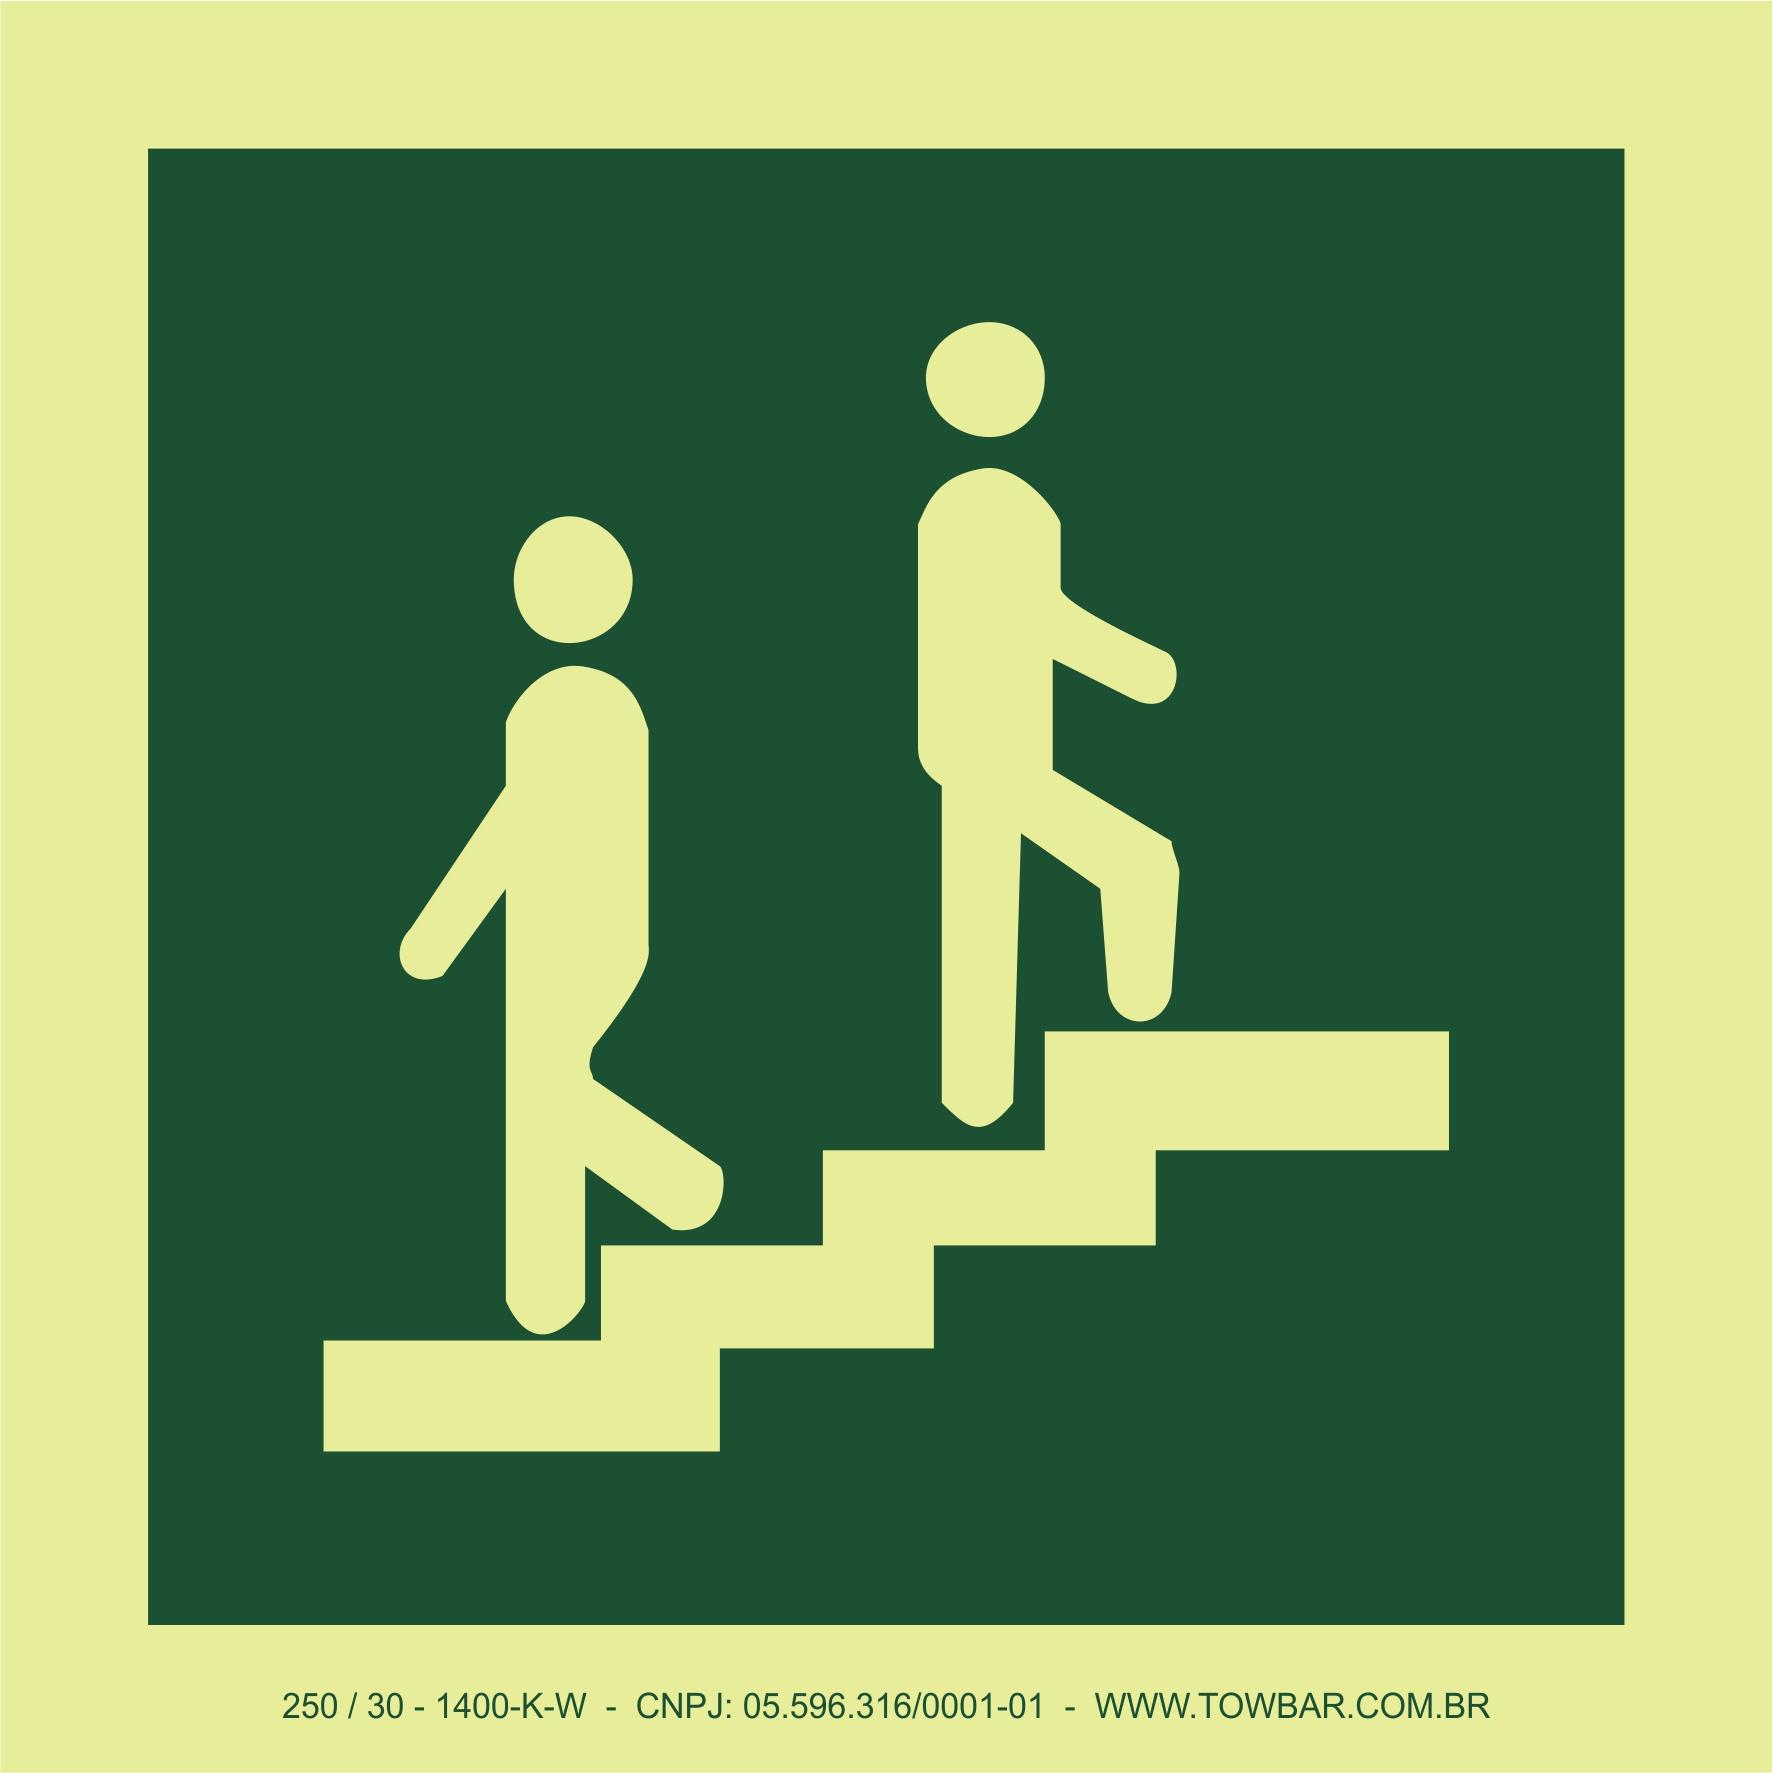 Escadas (Stairs)  - Towbar Sinalização de Segurança